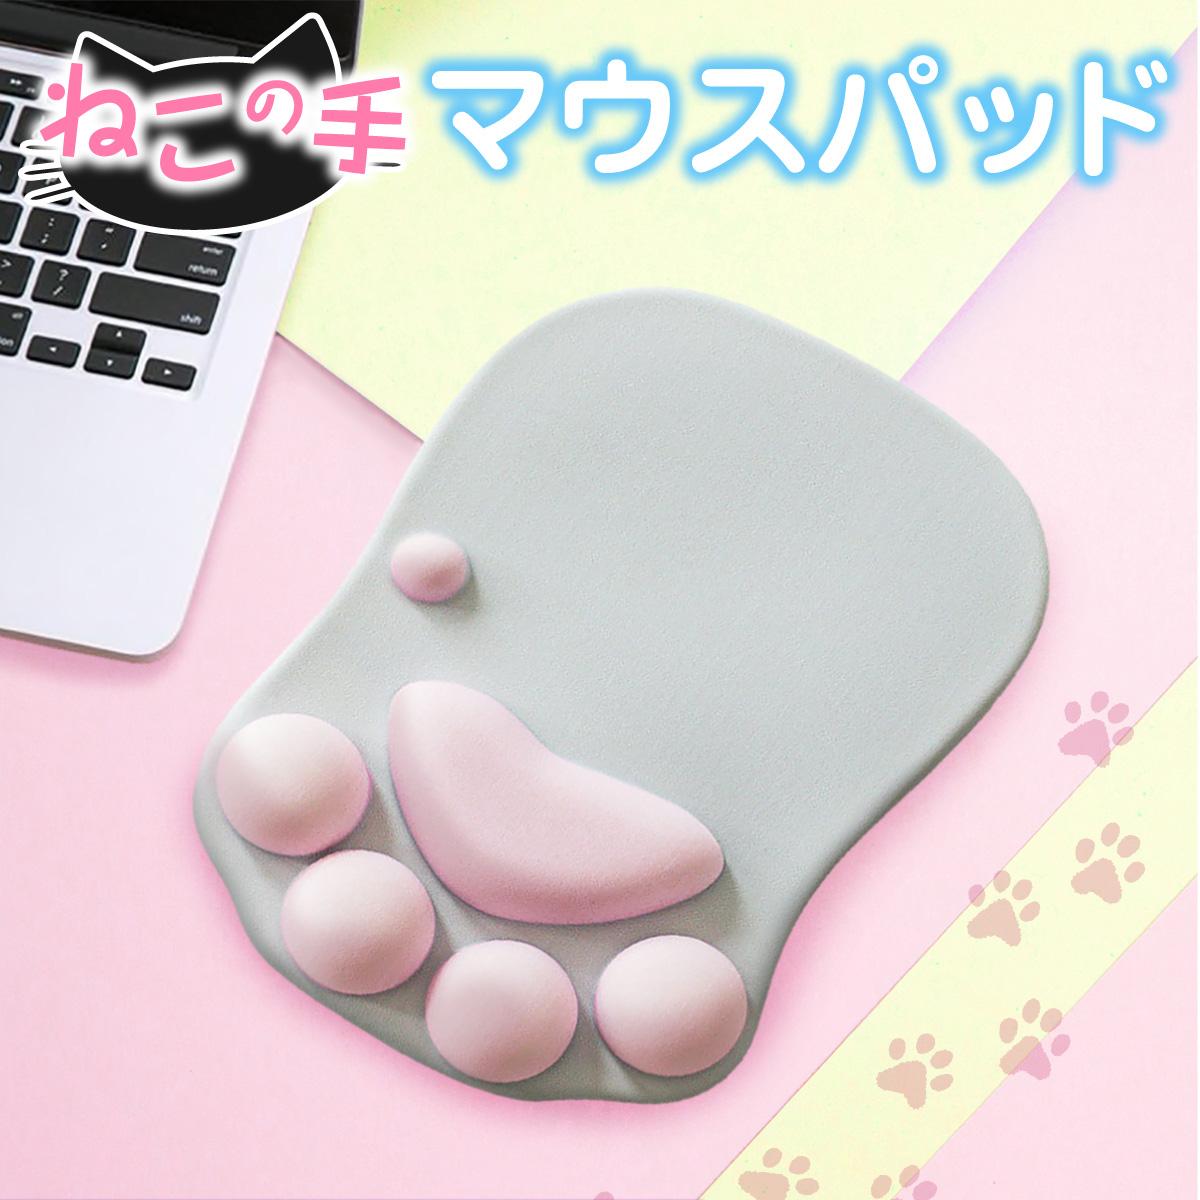 ぷにぷにしたジェルが内蔵された、かわいい肉球マウスパッド マウスパッド 肉球 猫 ネコ かわいい おしゃれ リストレスト 手首 おもしろ ぷにぷにジェル neko-pad